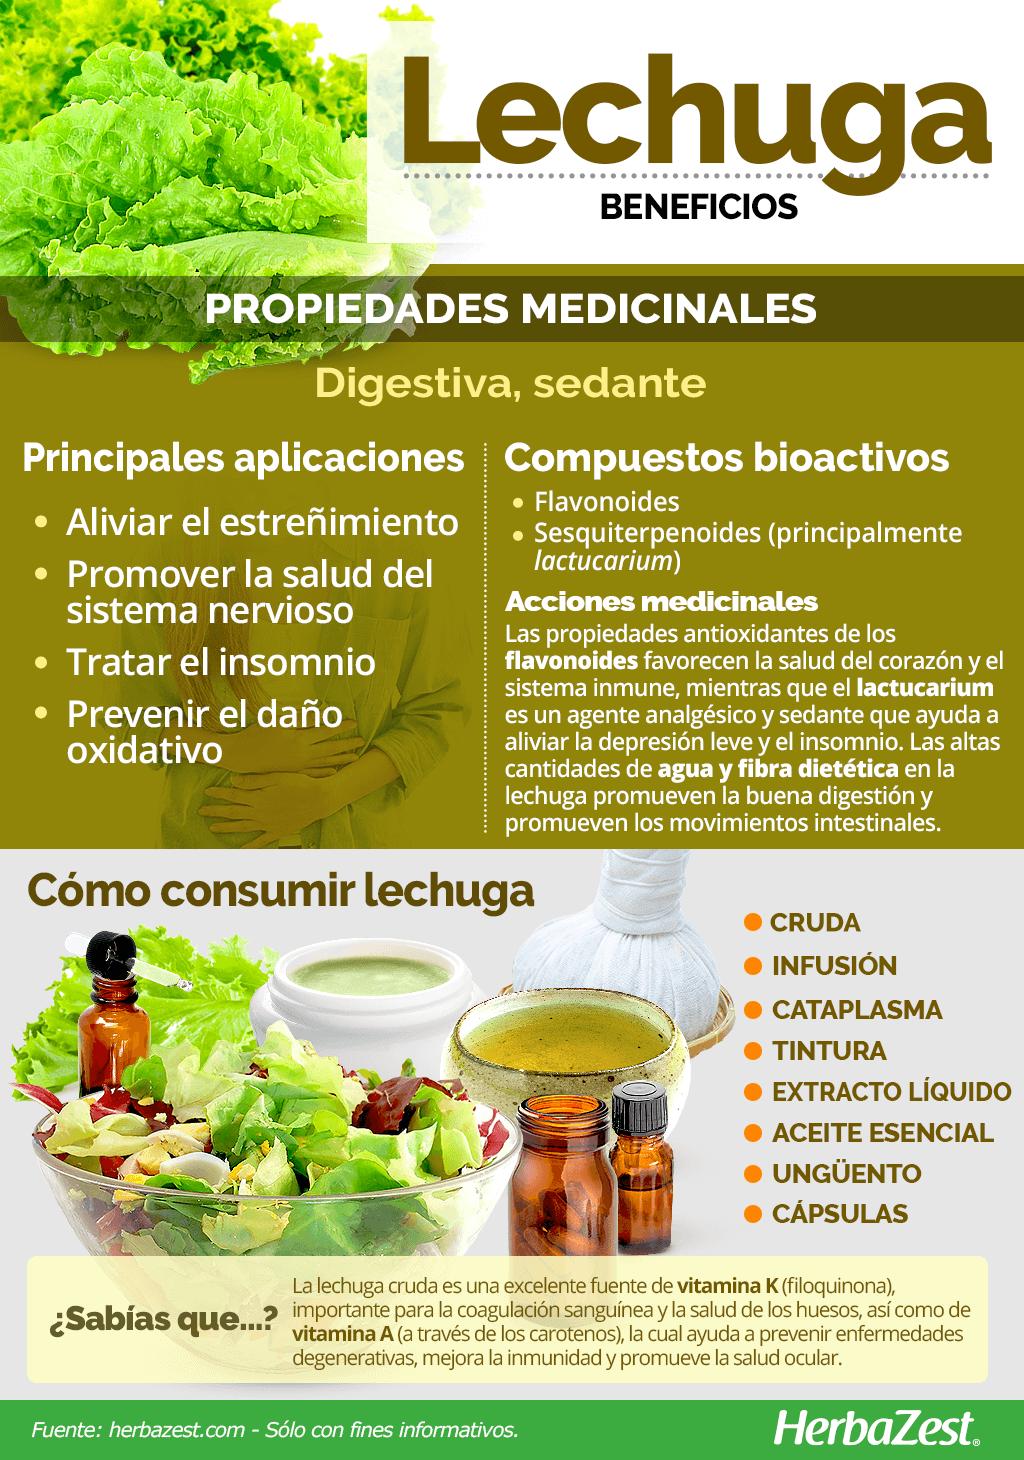 Lechuga Herbazest Frutas Y Verduras Beneficios Alimentos Saludables Beneficios De La Lechuga